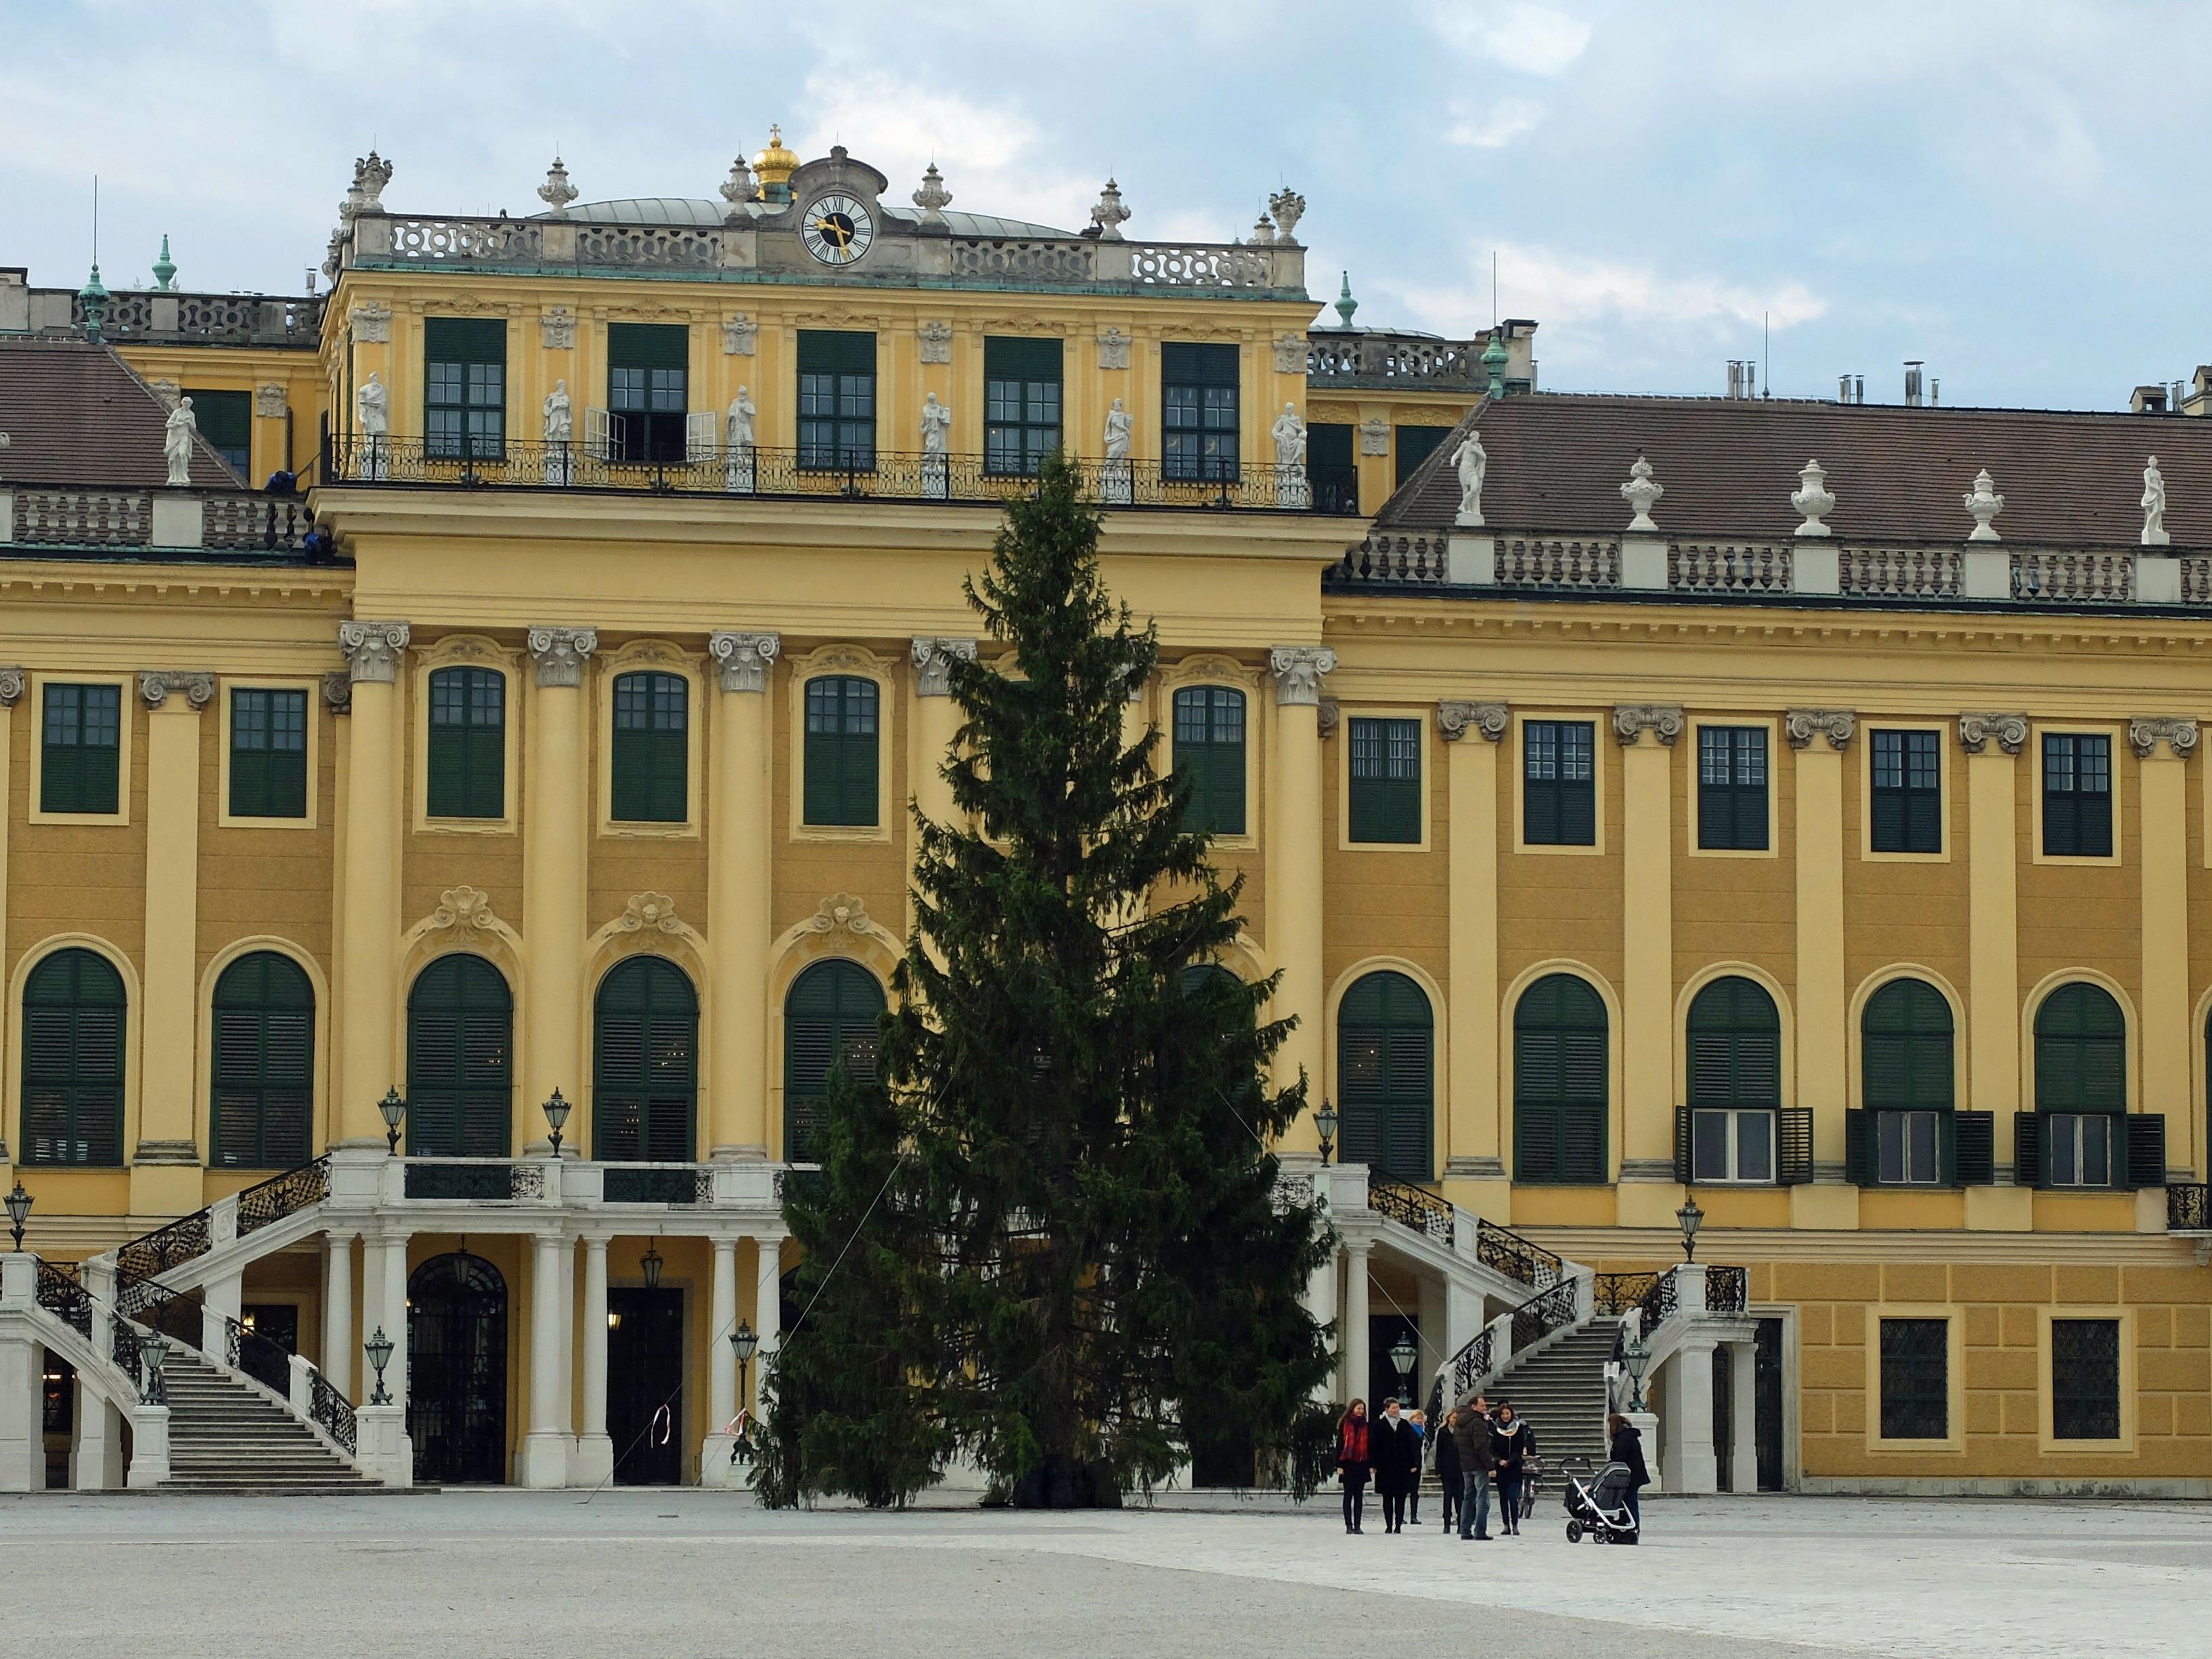 Der Christbaum für den Weihnachtsmarkt Schloss Schönbrunn ist angekommen